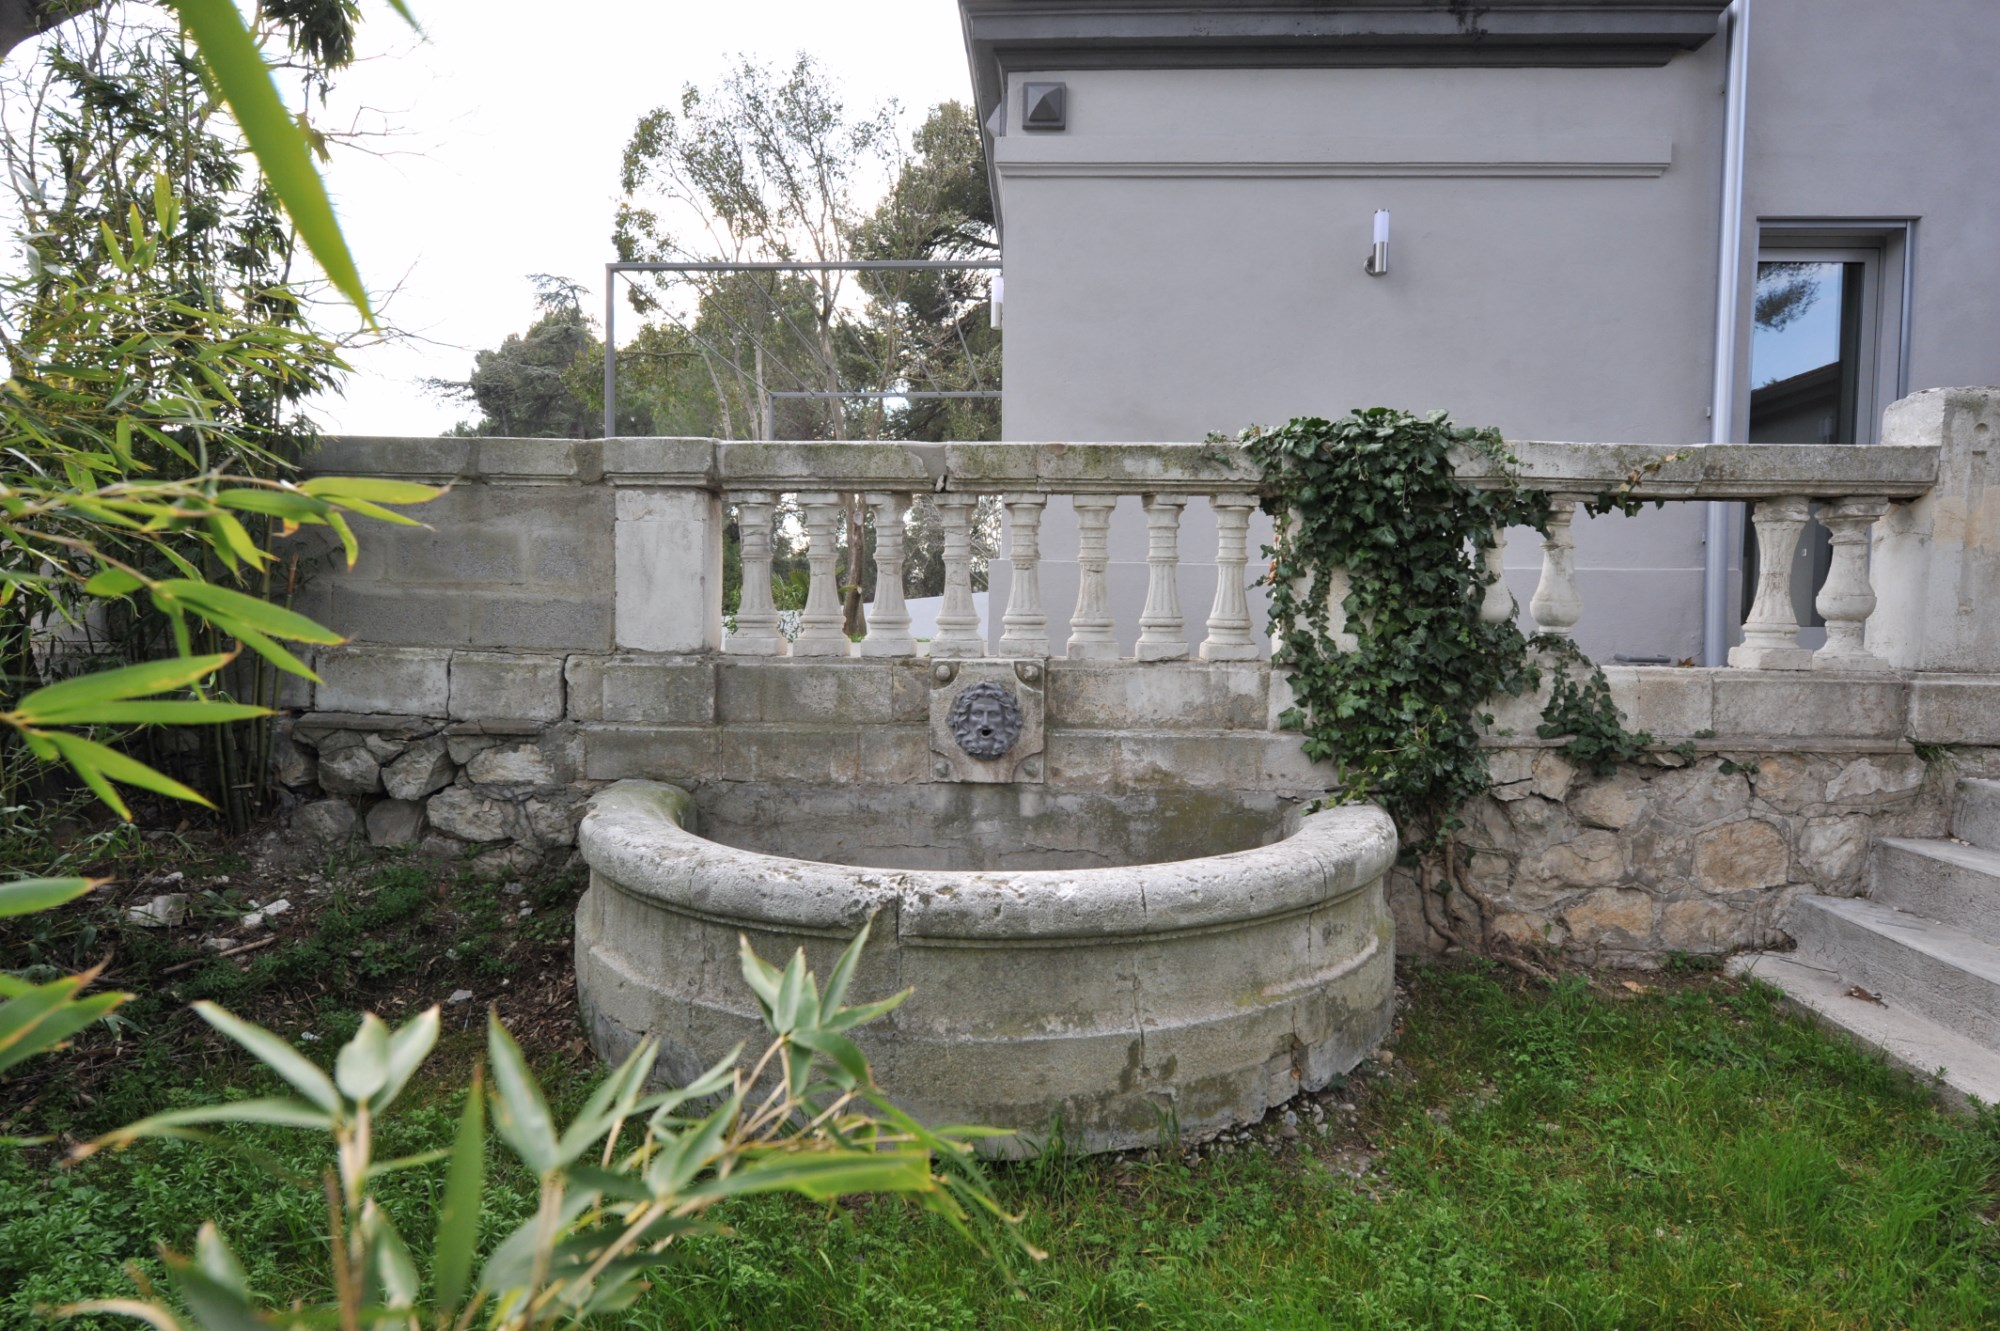 Proche d'Avignon,  à vendre, belle maison bourgeoise avec jardin et des jolies vues sur la vallée du Rhône